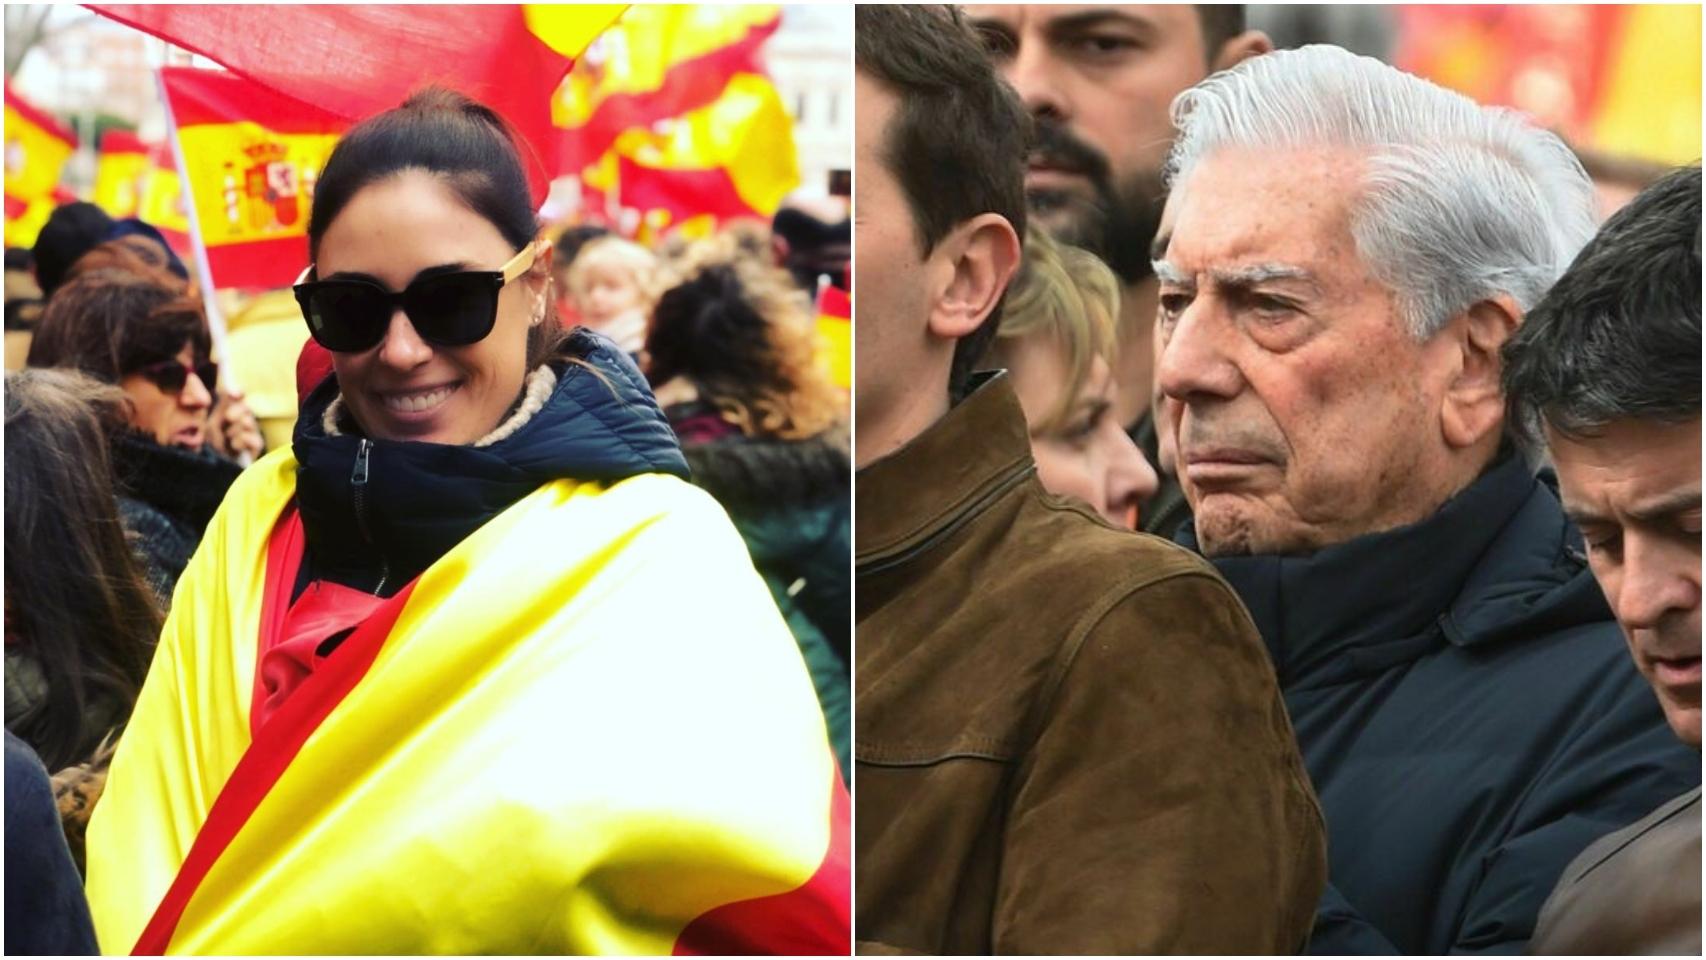 Isabel Rábago y Mario Vargas Llosa en la Plaza de Colón de Madrid.